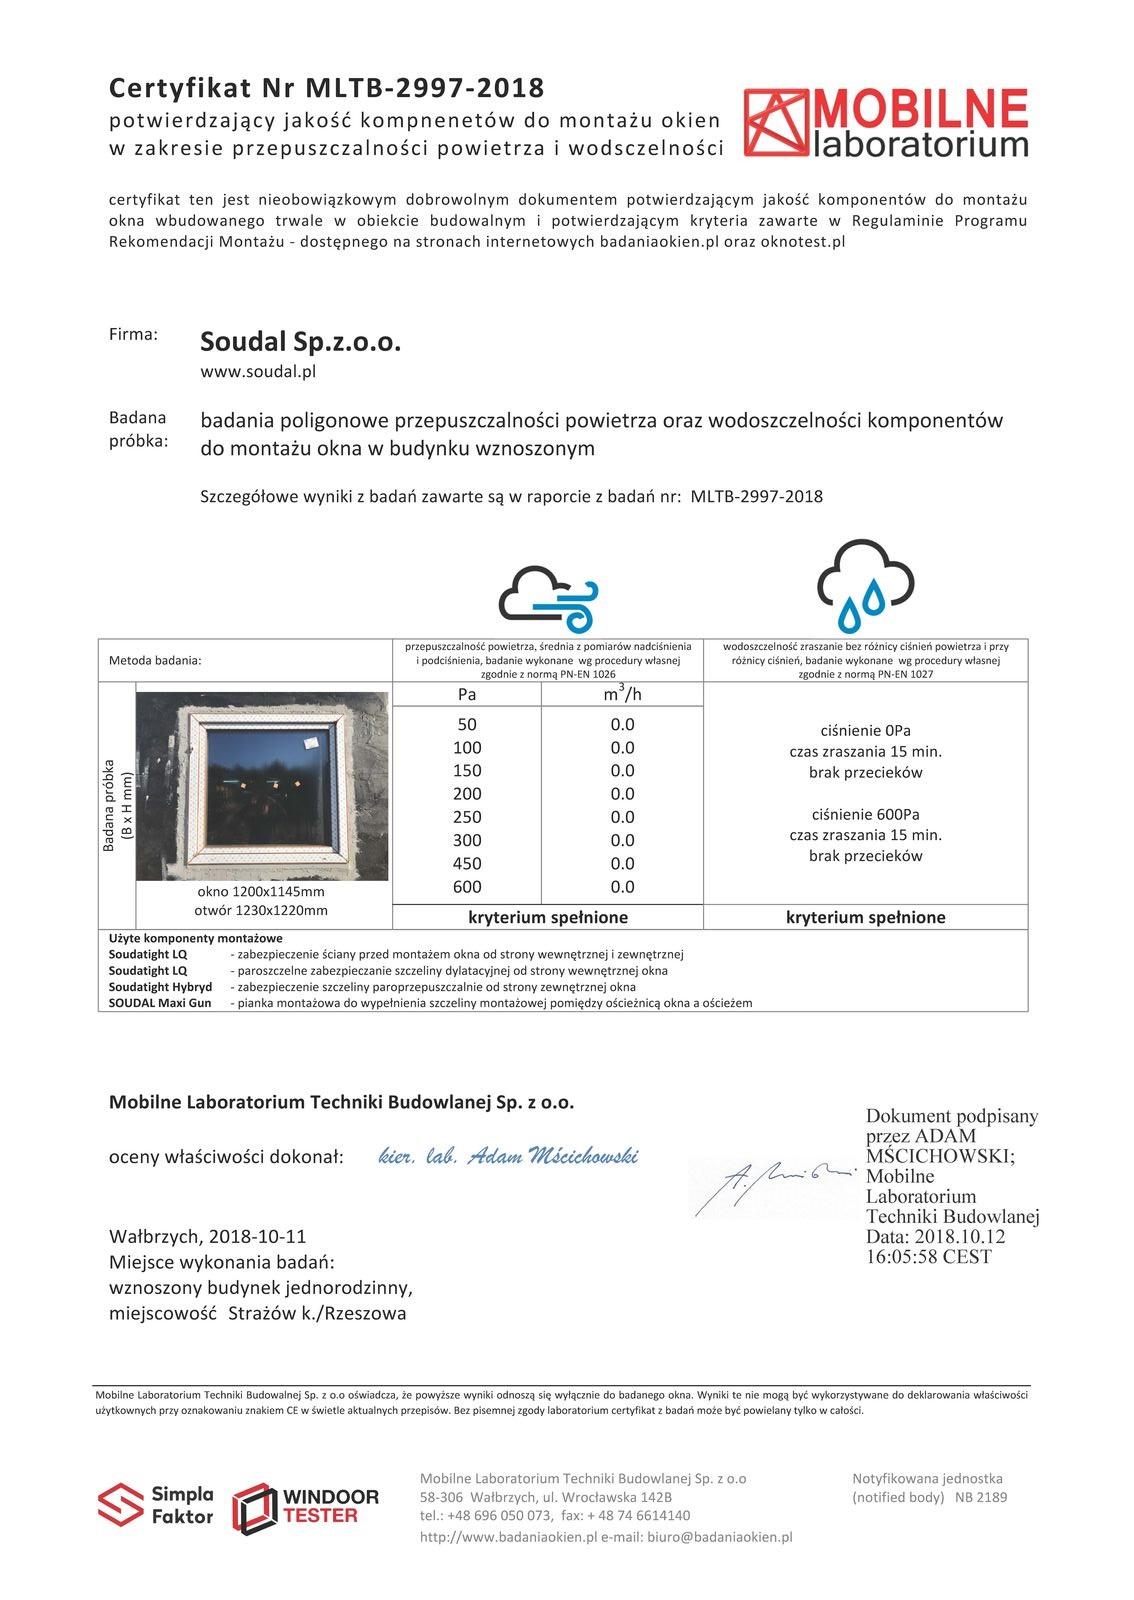 Certyfikat szczelności montażu dla firmy SOUDAL wydany przez Mobilne Laboratorium Techniki Budowlanej w Wałbrzychu